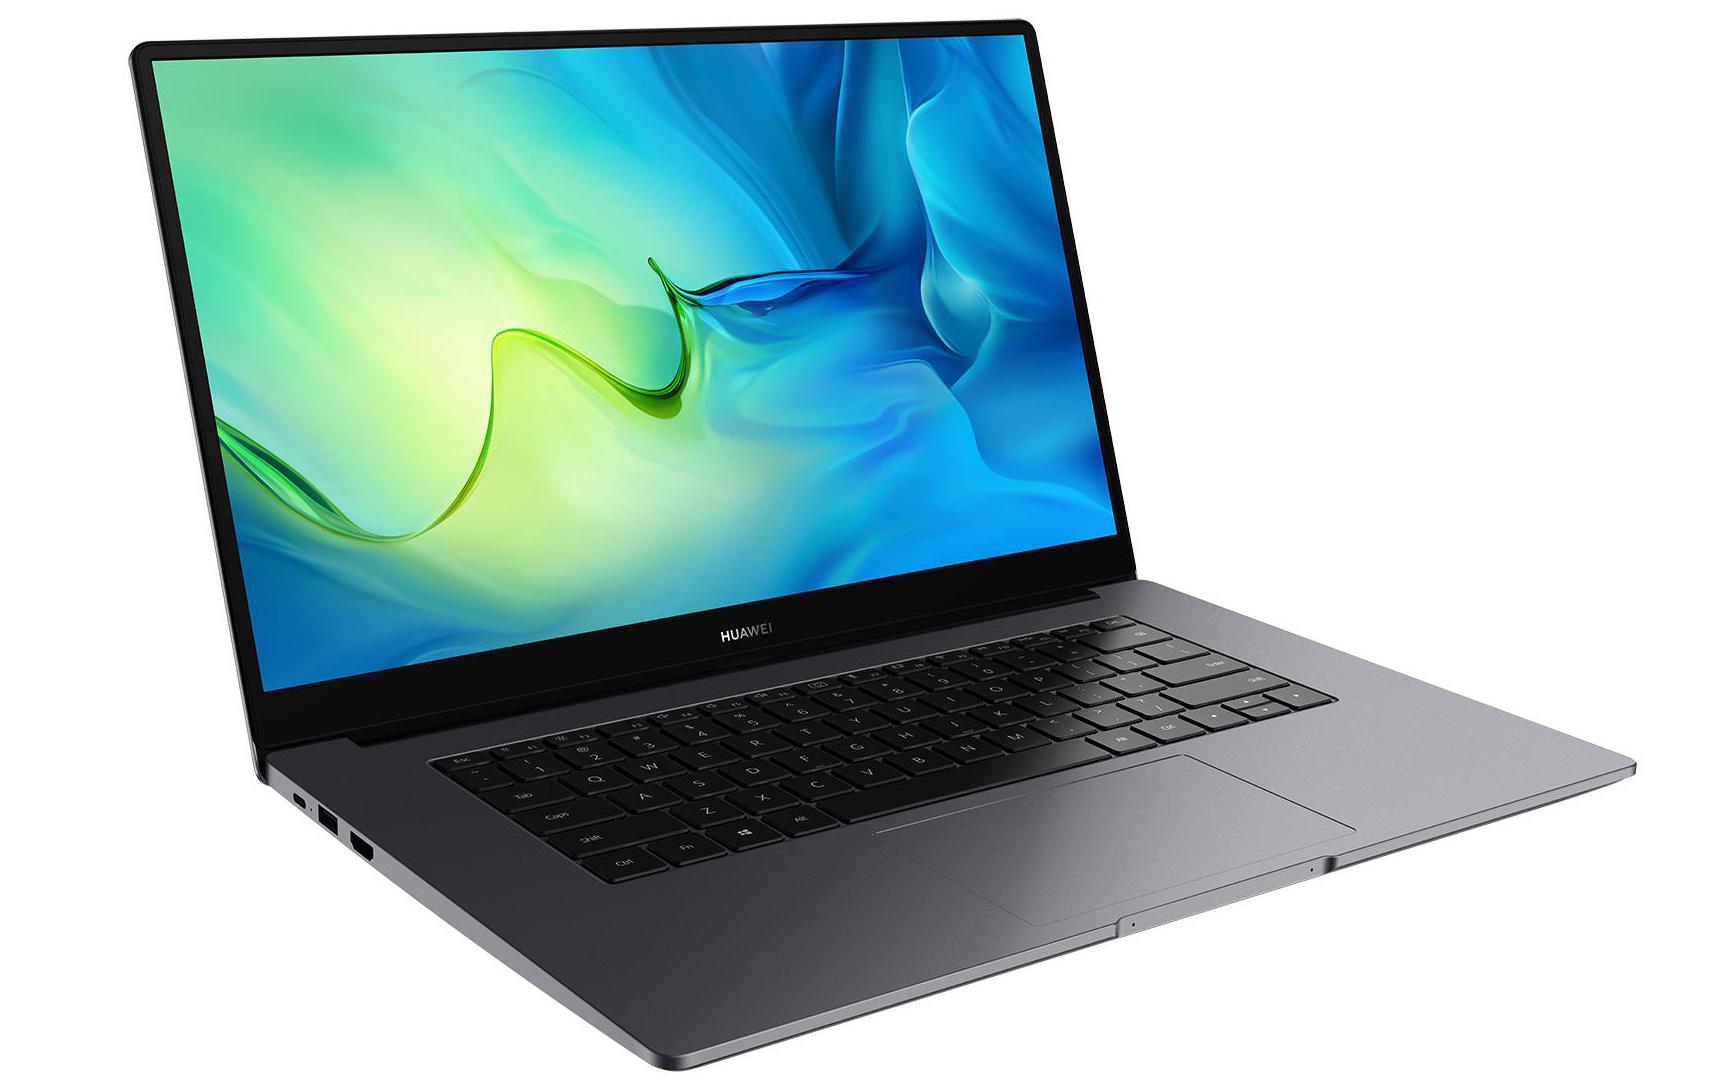 Huawei ra mắt MateBook D 15 tại thị trường Việt Nam với mức giá gần 16 triệu VNĐ